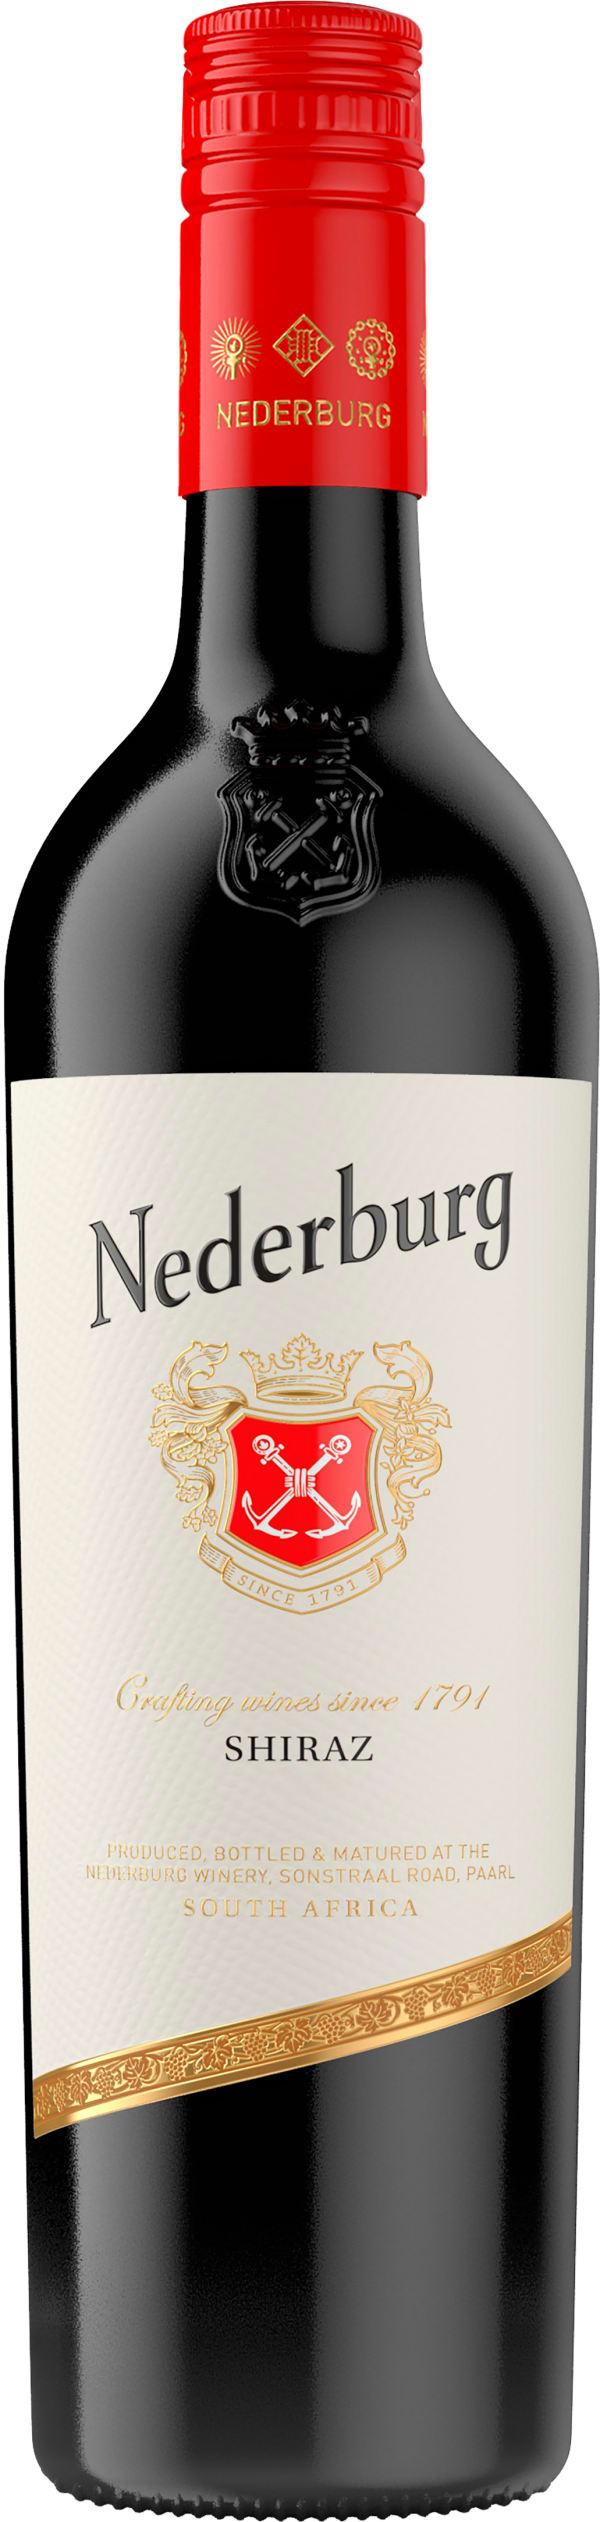 Nederburg The Winemasters Shiraz 2016